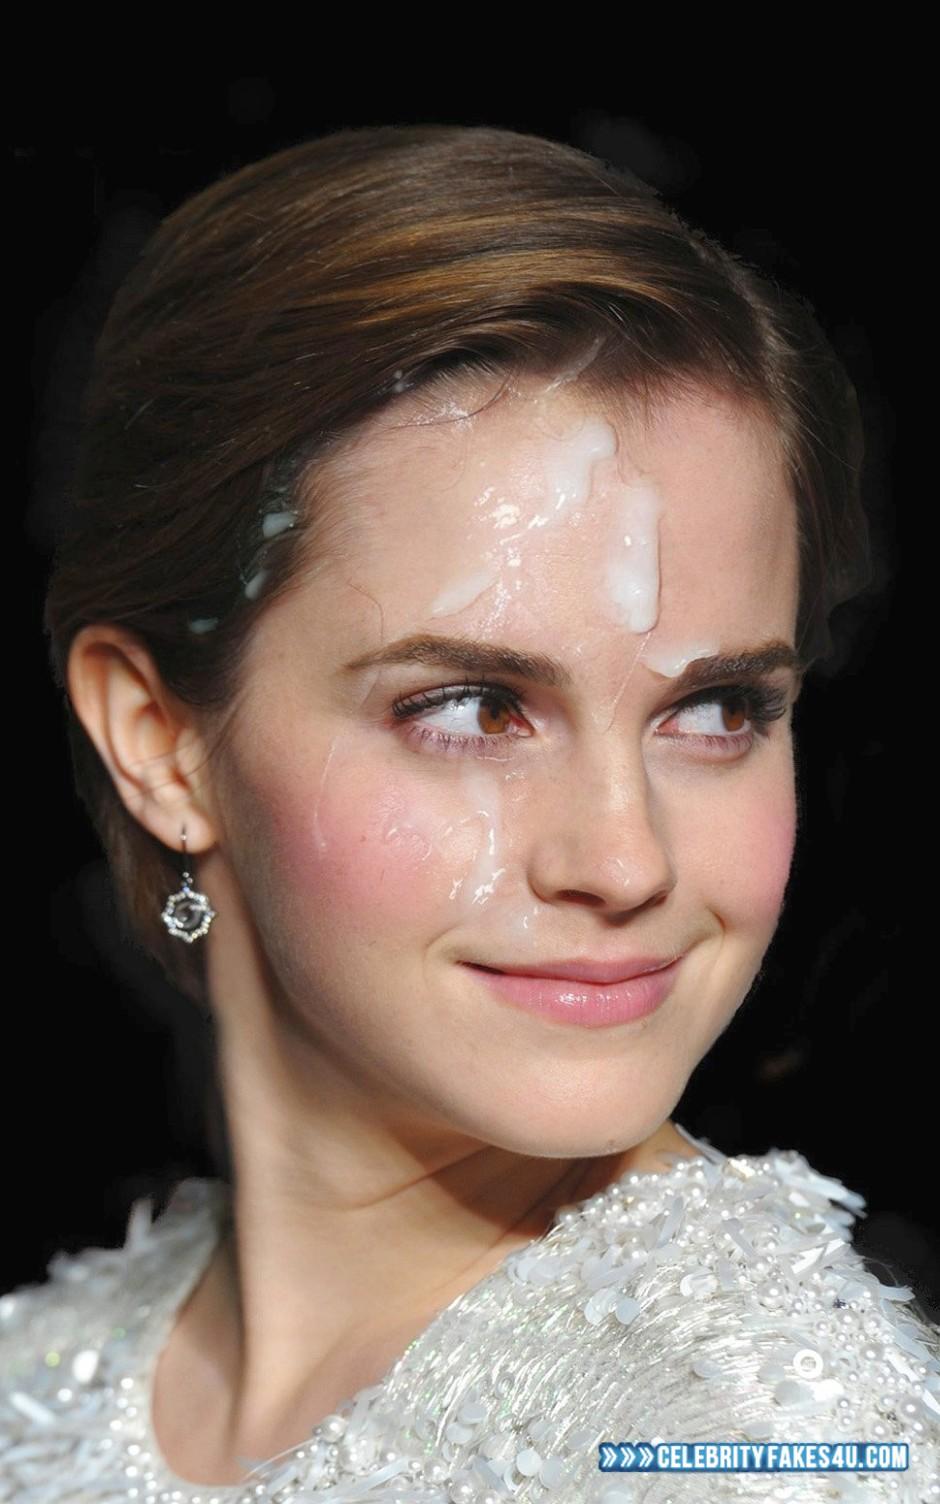 Emma Watson Cum Facial Fake 024 « CelebrityFakes4u.com